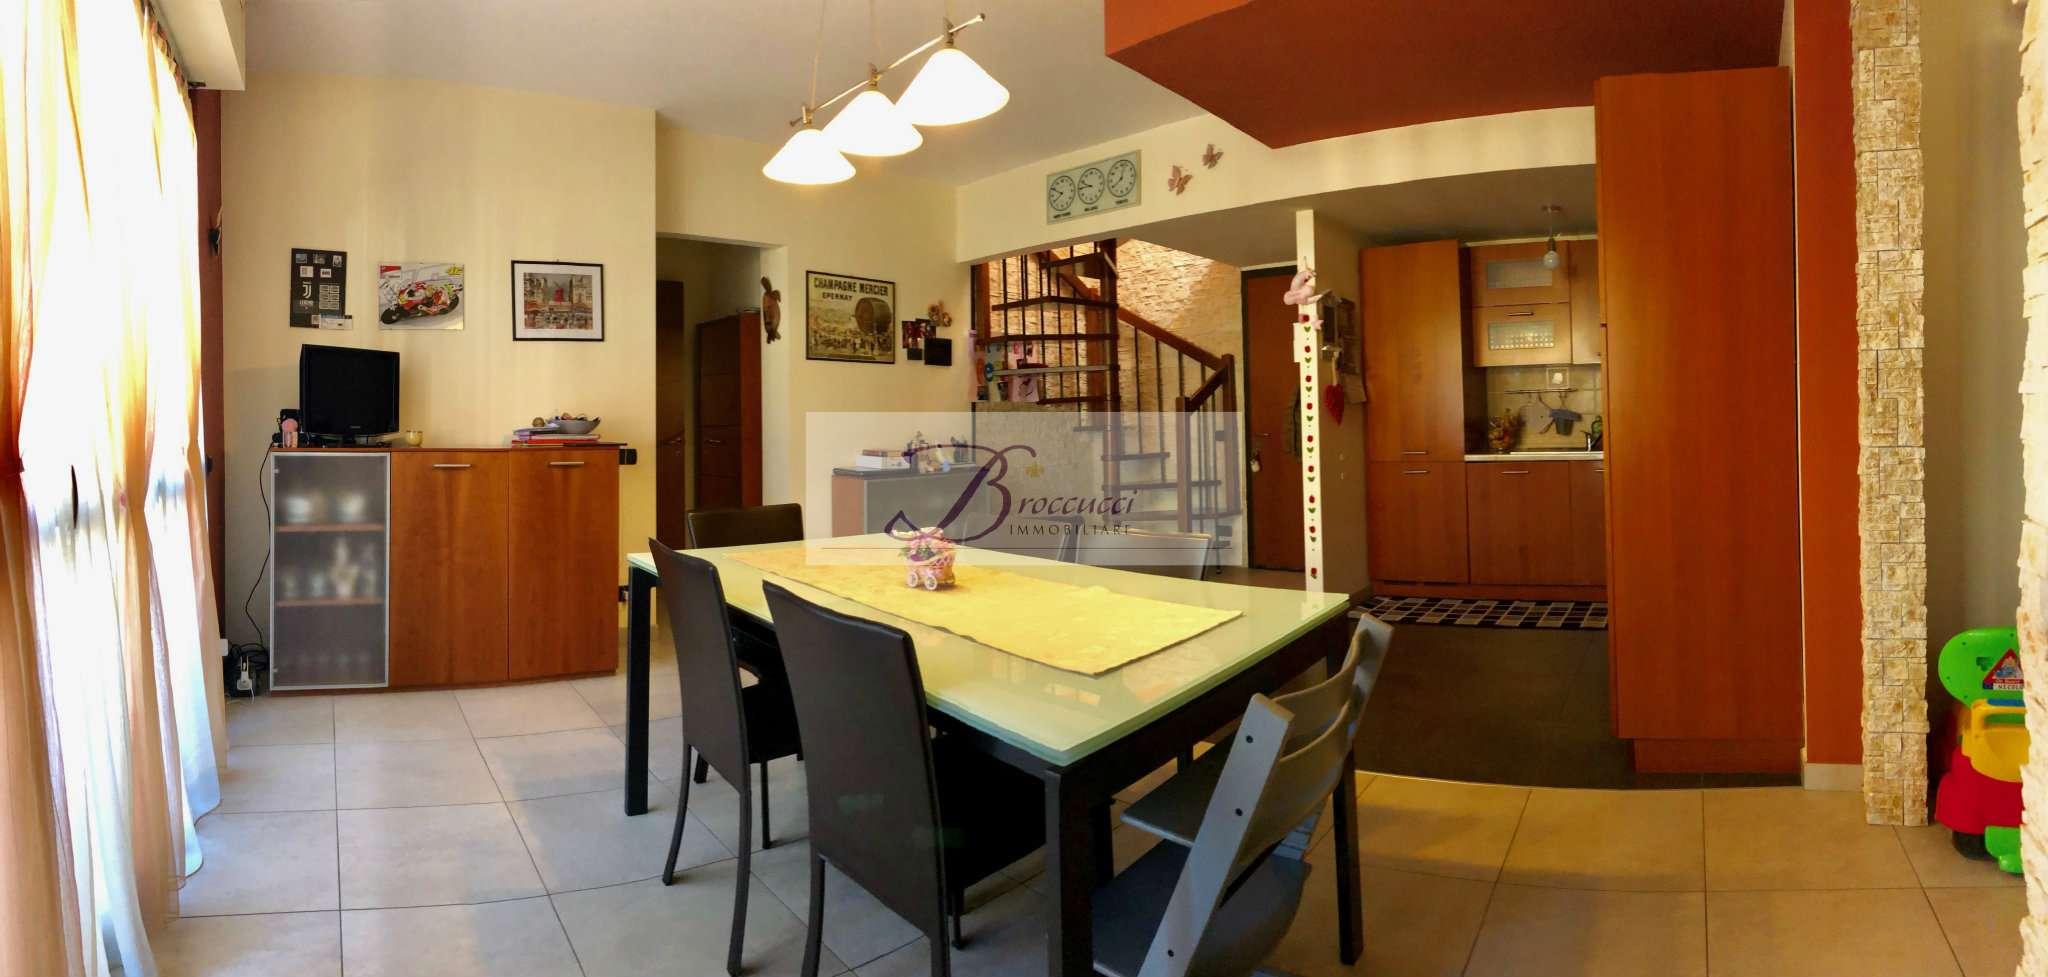 Appartamento in vendita a Viggiù, 2 locali, prezzo € 145.000 | PortaleAgenzieImmobiliari.it